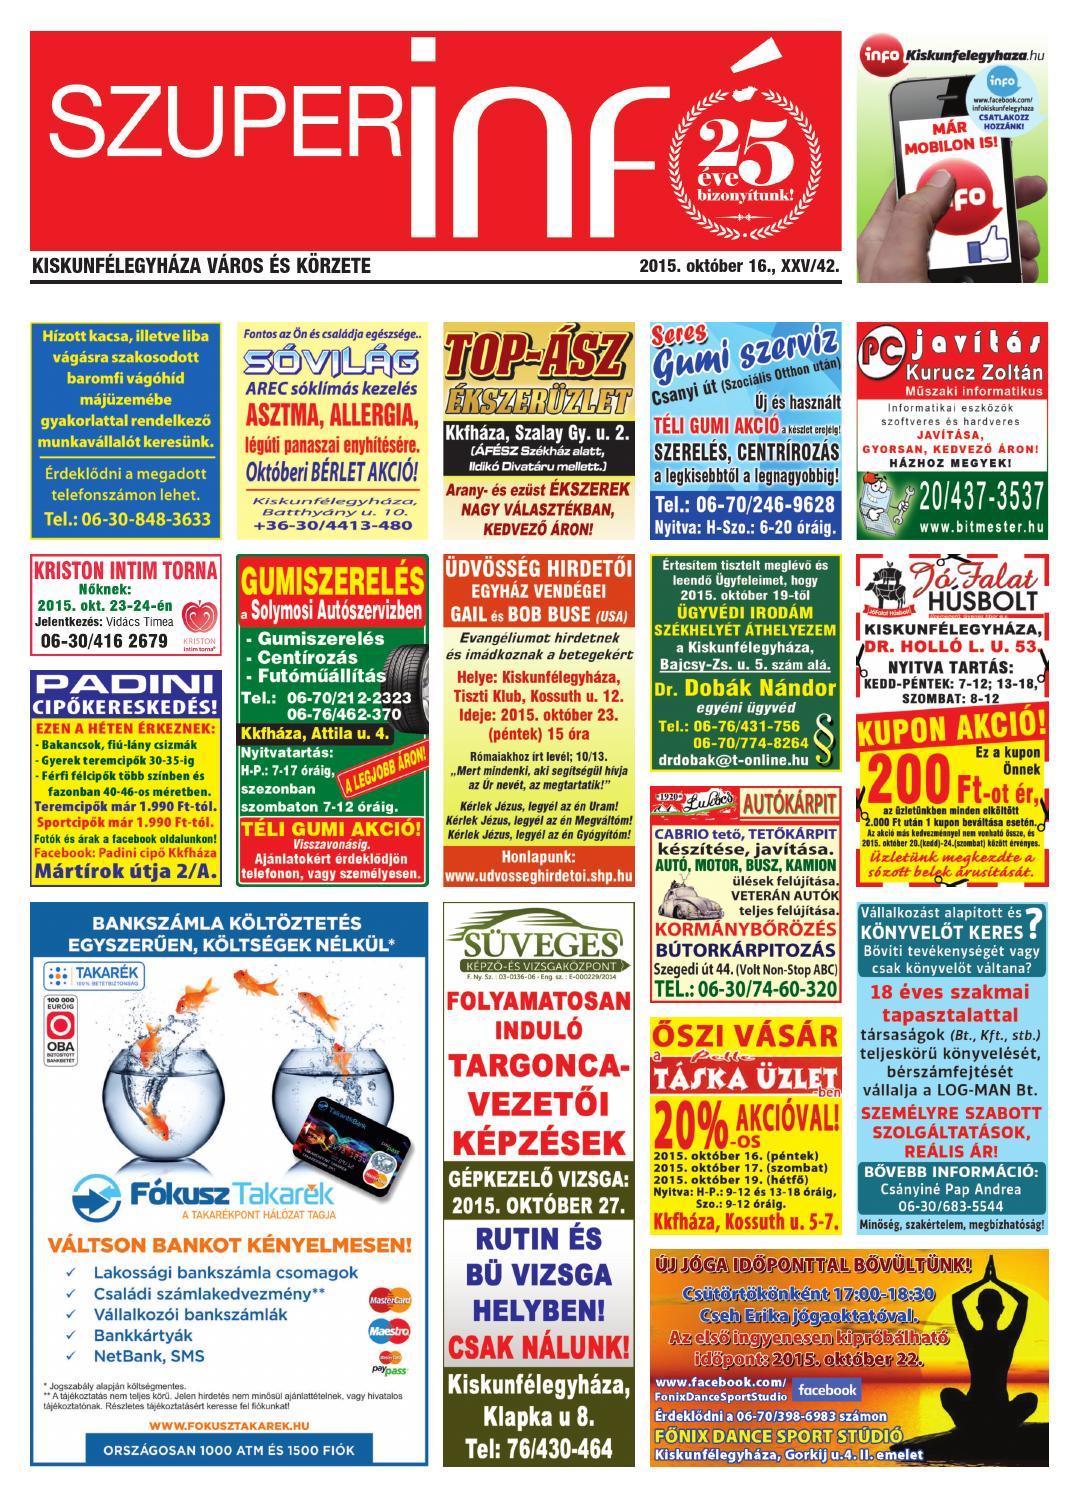 2015-ös legjobb társkereső alkalmazások Indiában